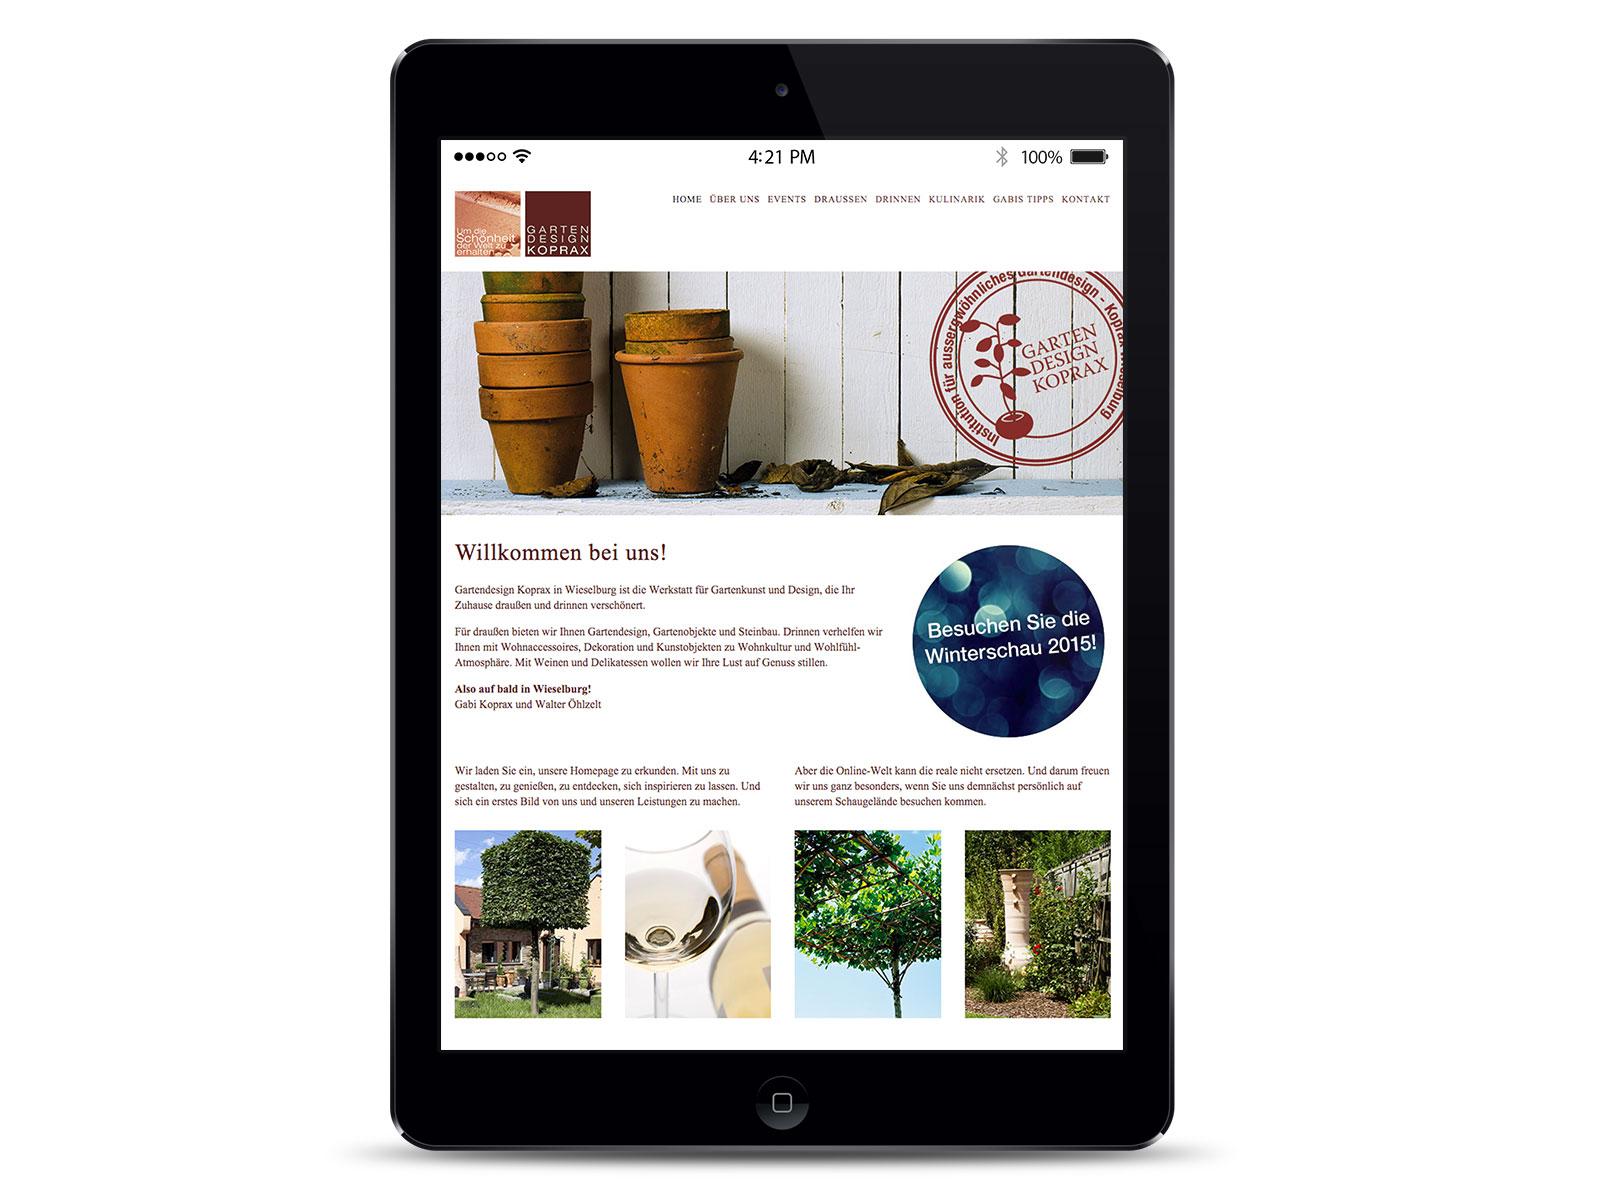 ergebnisse-25_koprax-gartendesign_designkitchen.jpg